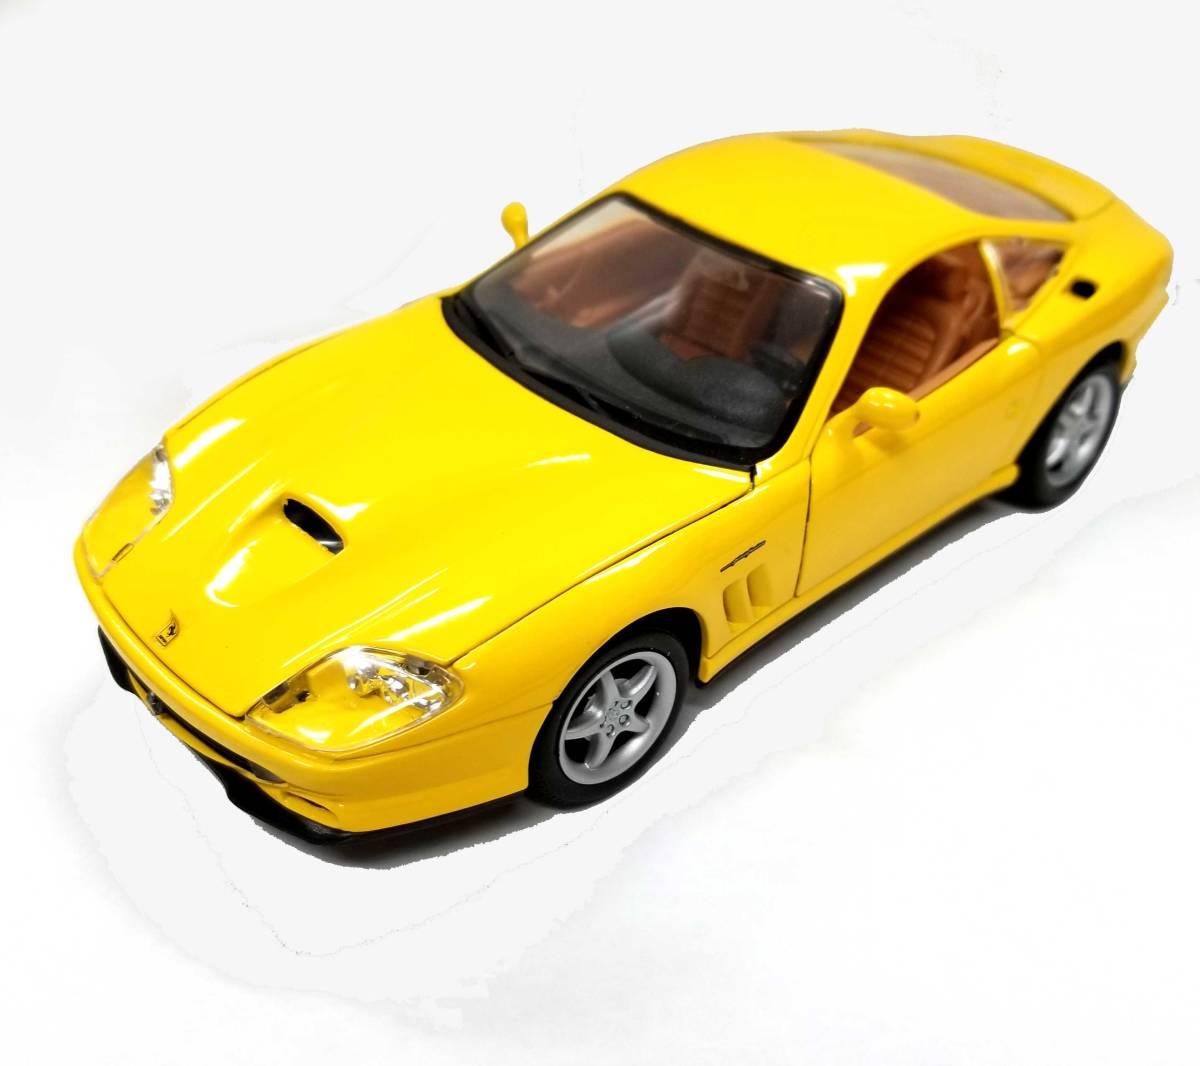 フェラーリ モデルカー フェラーリマラネロ maisto ferrari 550 maranello yellow 1/24 イエロー Ferrari ホイール付き 黄色 ミニカー 【中古】